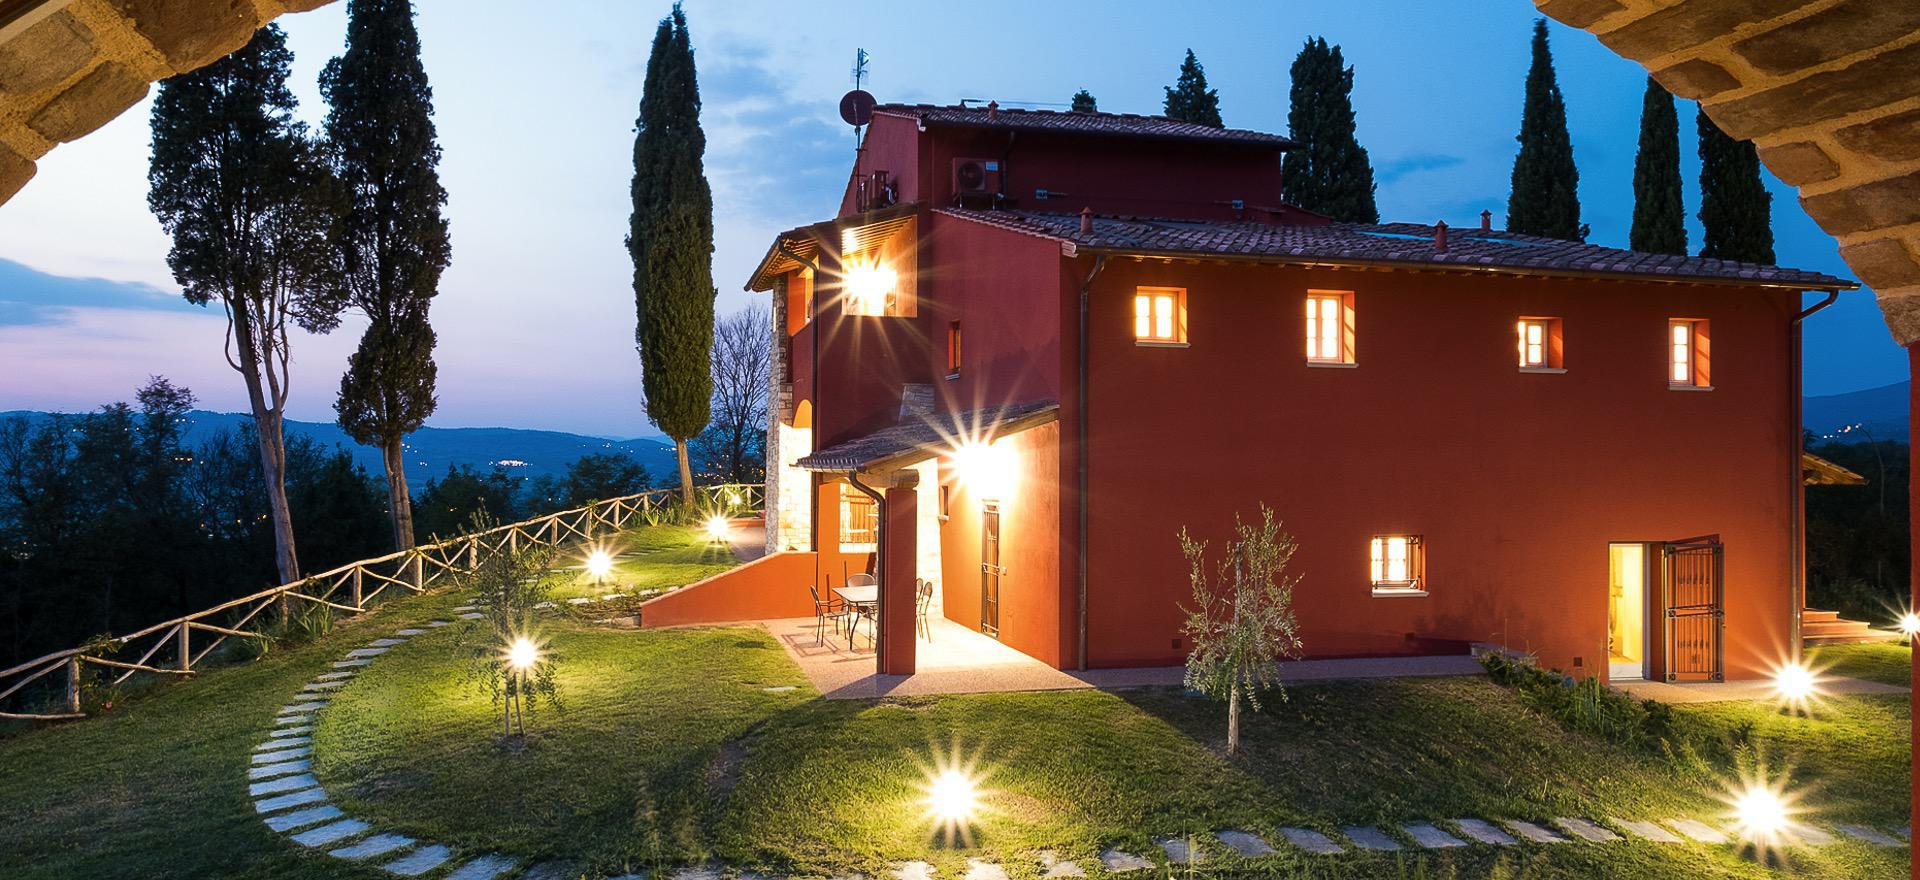 Agriturismo met design interieur in Toscane